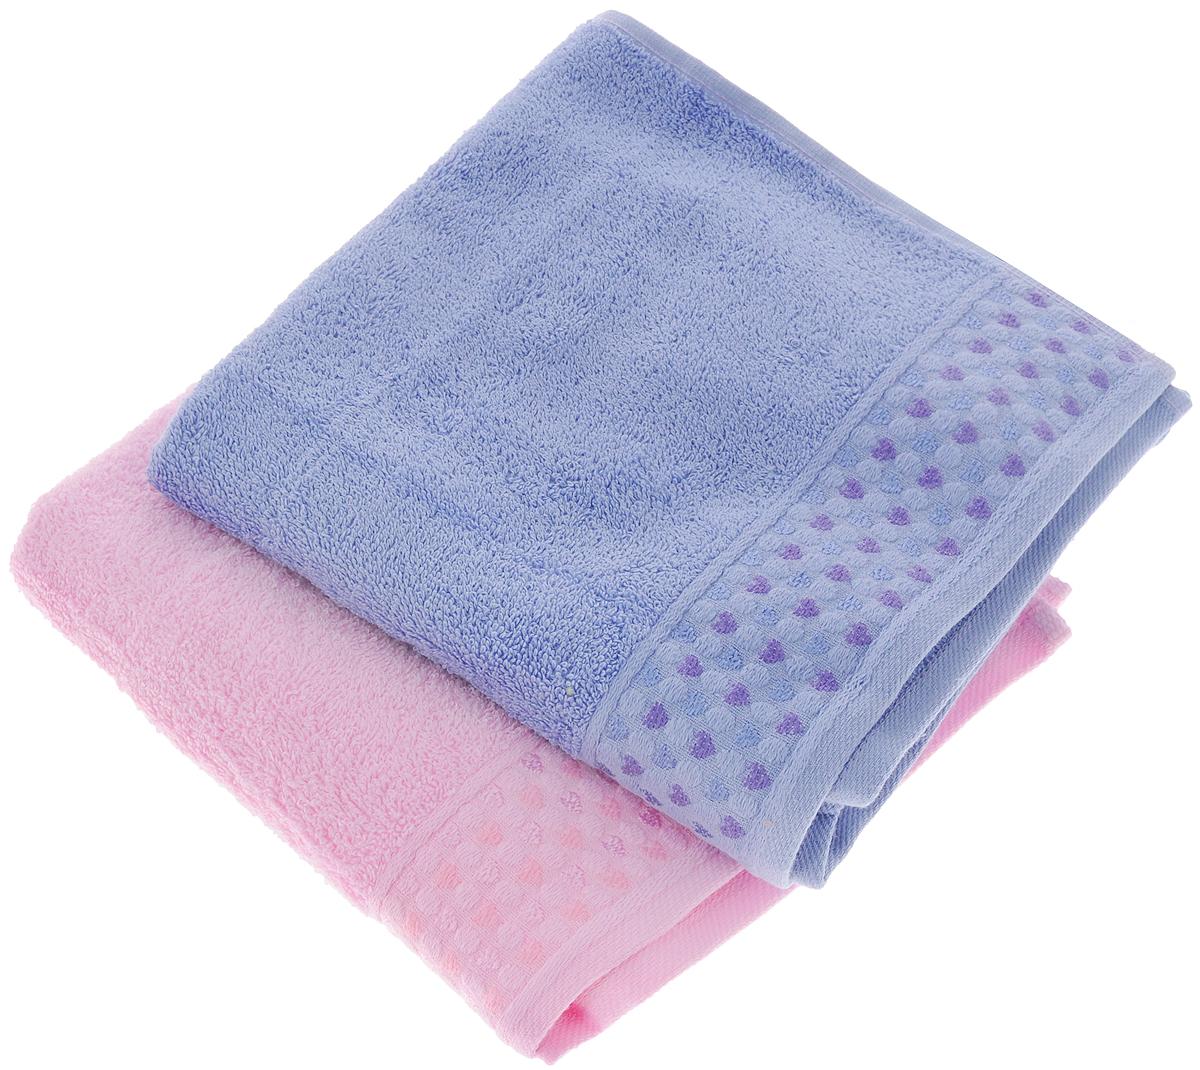 Набор полотенец Tete-a-Tete Сердечки, цвет: розовый, сирень, 50 х 90 см, 2 штУП-107-04-2кНабор Tete-a-Tete Сердечки состоит из двух махровых полотенец, выполненных из натурального 100% хлопка. Бордюр полотенец декорирован рисунком сердечек. Изделия мягкие, отлично впитывают влагу, быстро сохнут, сохраняют яркость цвета и не теряют форму даже после многократных стирок. Полотенца Tete-a-Tete Сердечки очень практичны и неприхотливы в уходе. Они легко впишутся в любой интерьер благодаря своей нежной цветовой гамме. Набор упакован в красивую коробку и может послужить отличной идеей для подарка. Размер полотенец: 50 х 90 см.